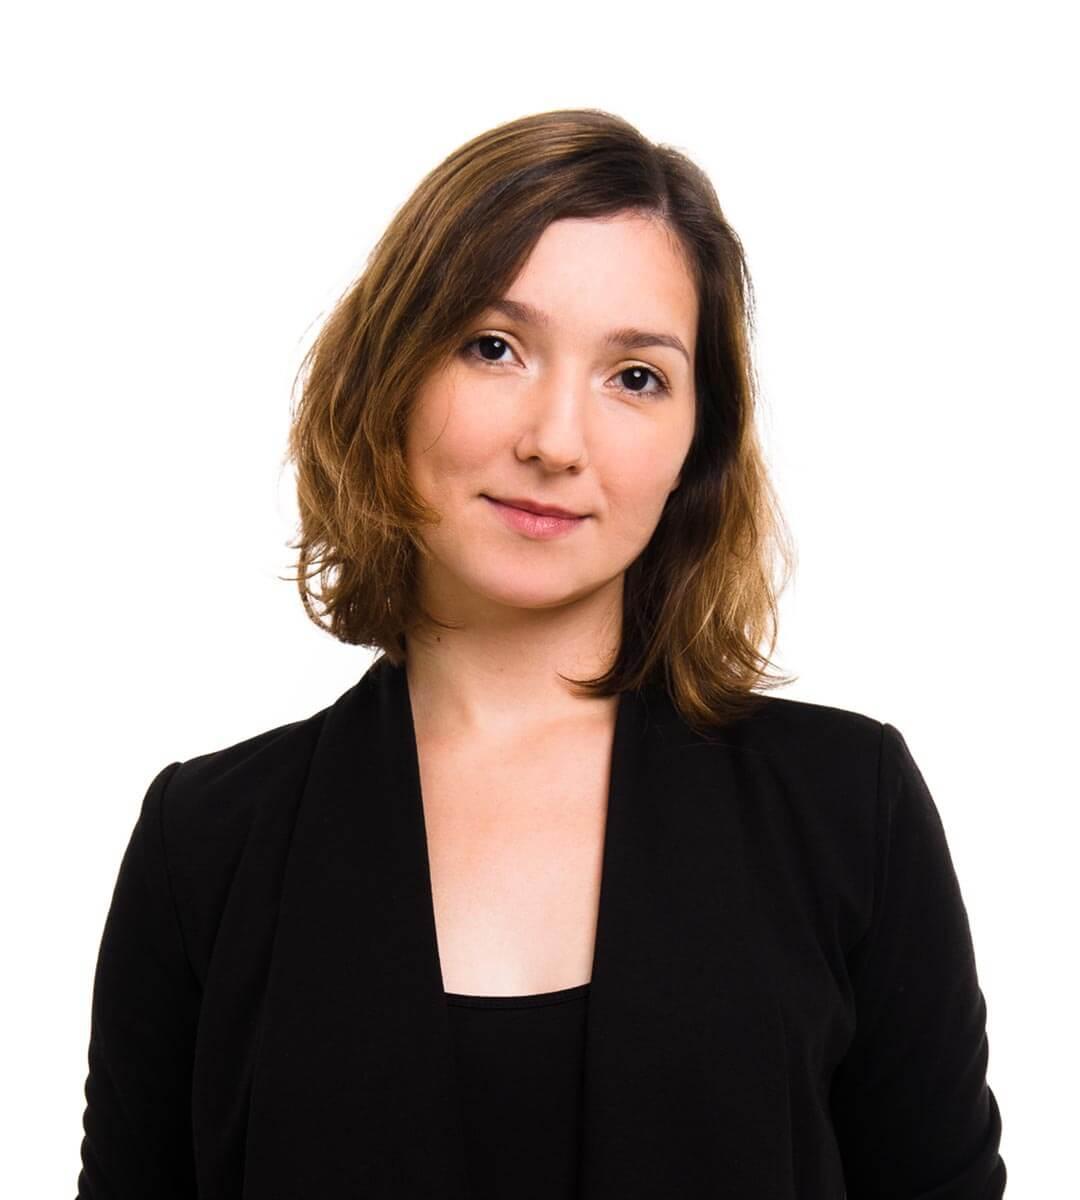 Hanna Pietrzak